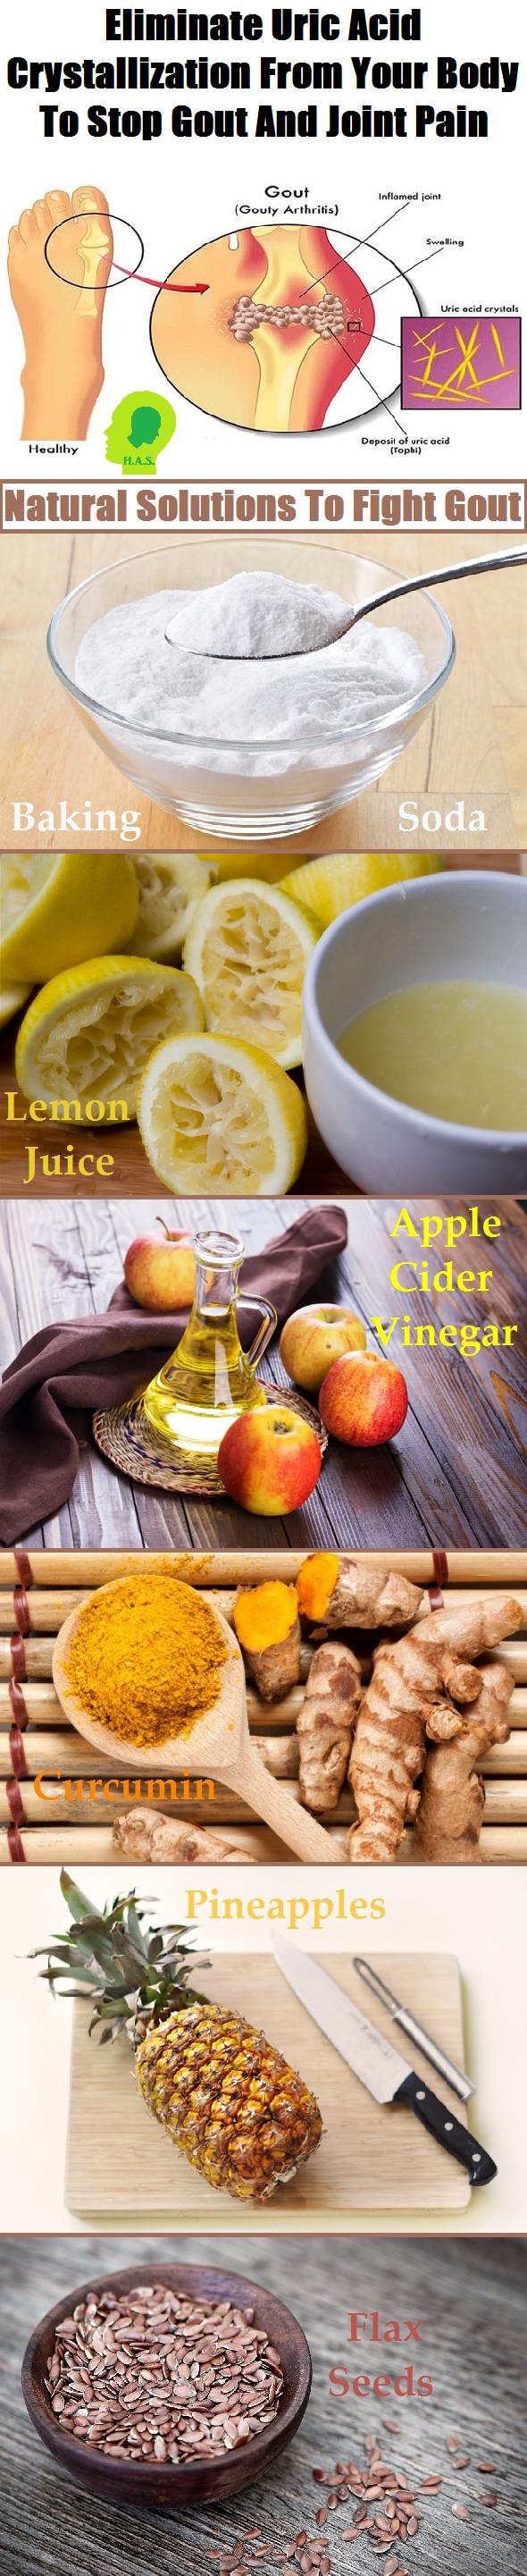 remedio casero para reducir el acido urico acido urico insulina frutas con alto contenido de acido urico